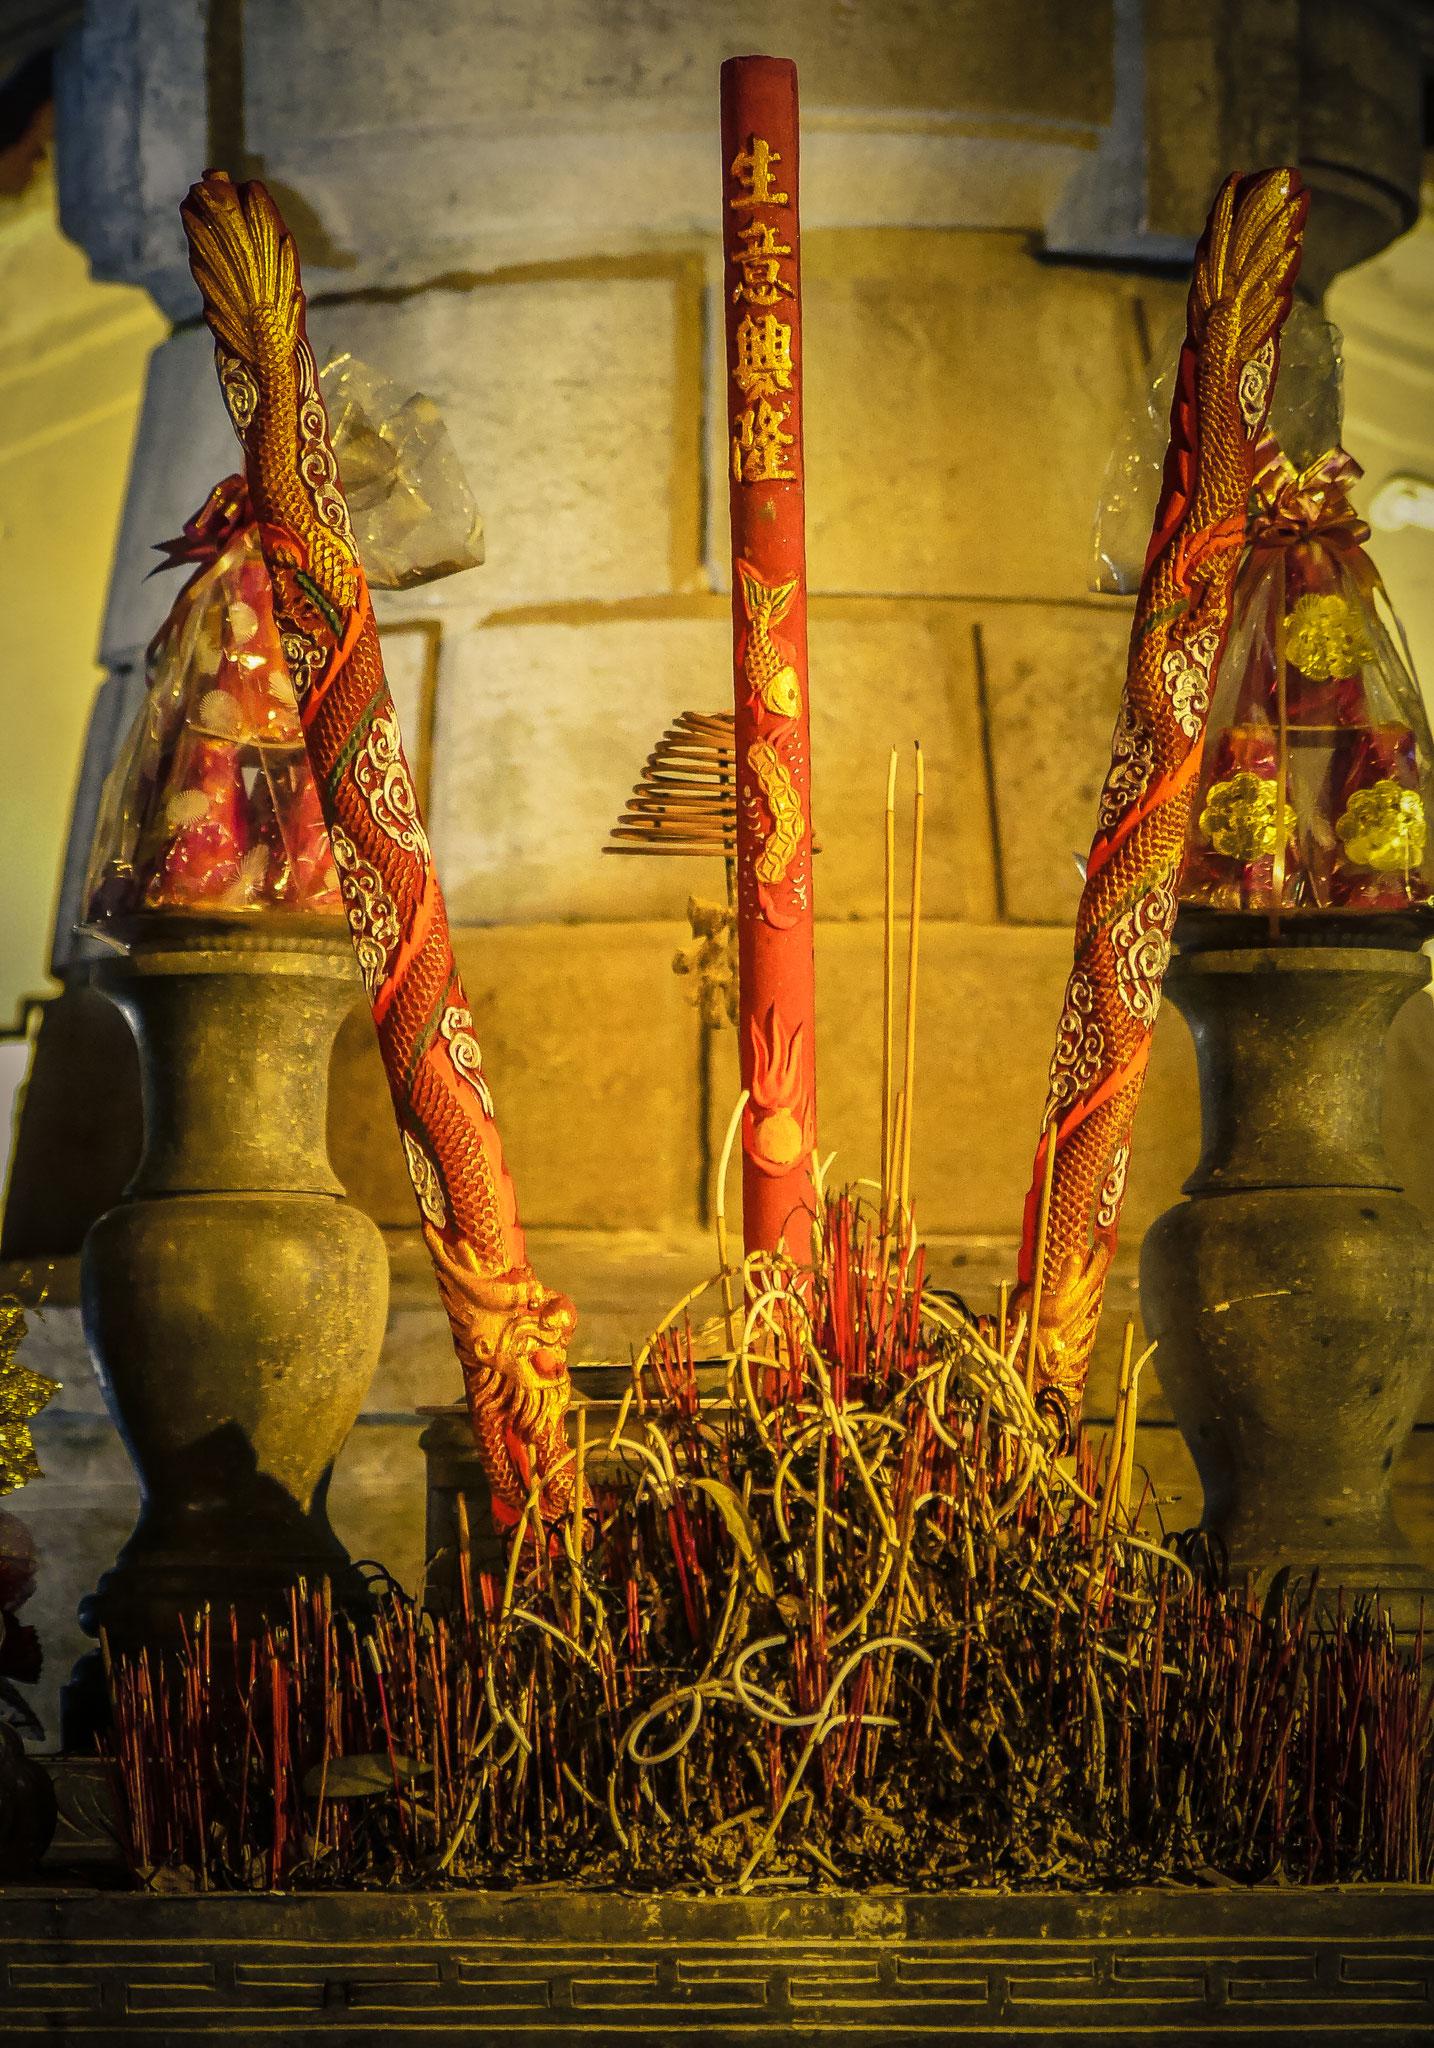 Hanoi - Statue of King Le Thai To